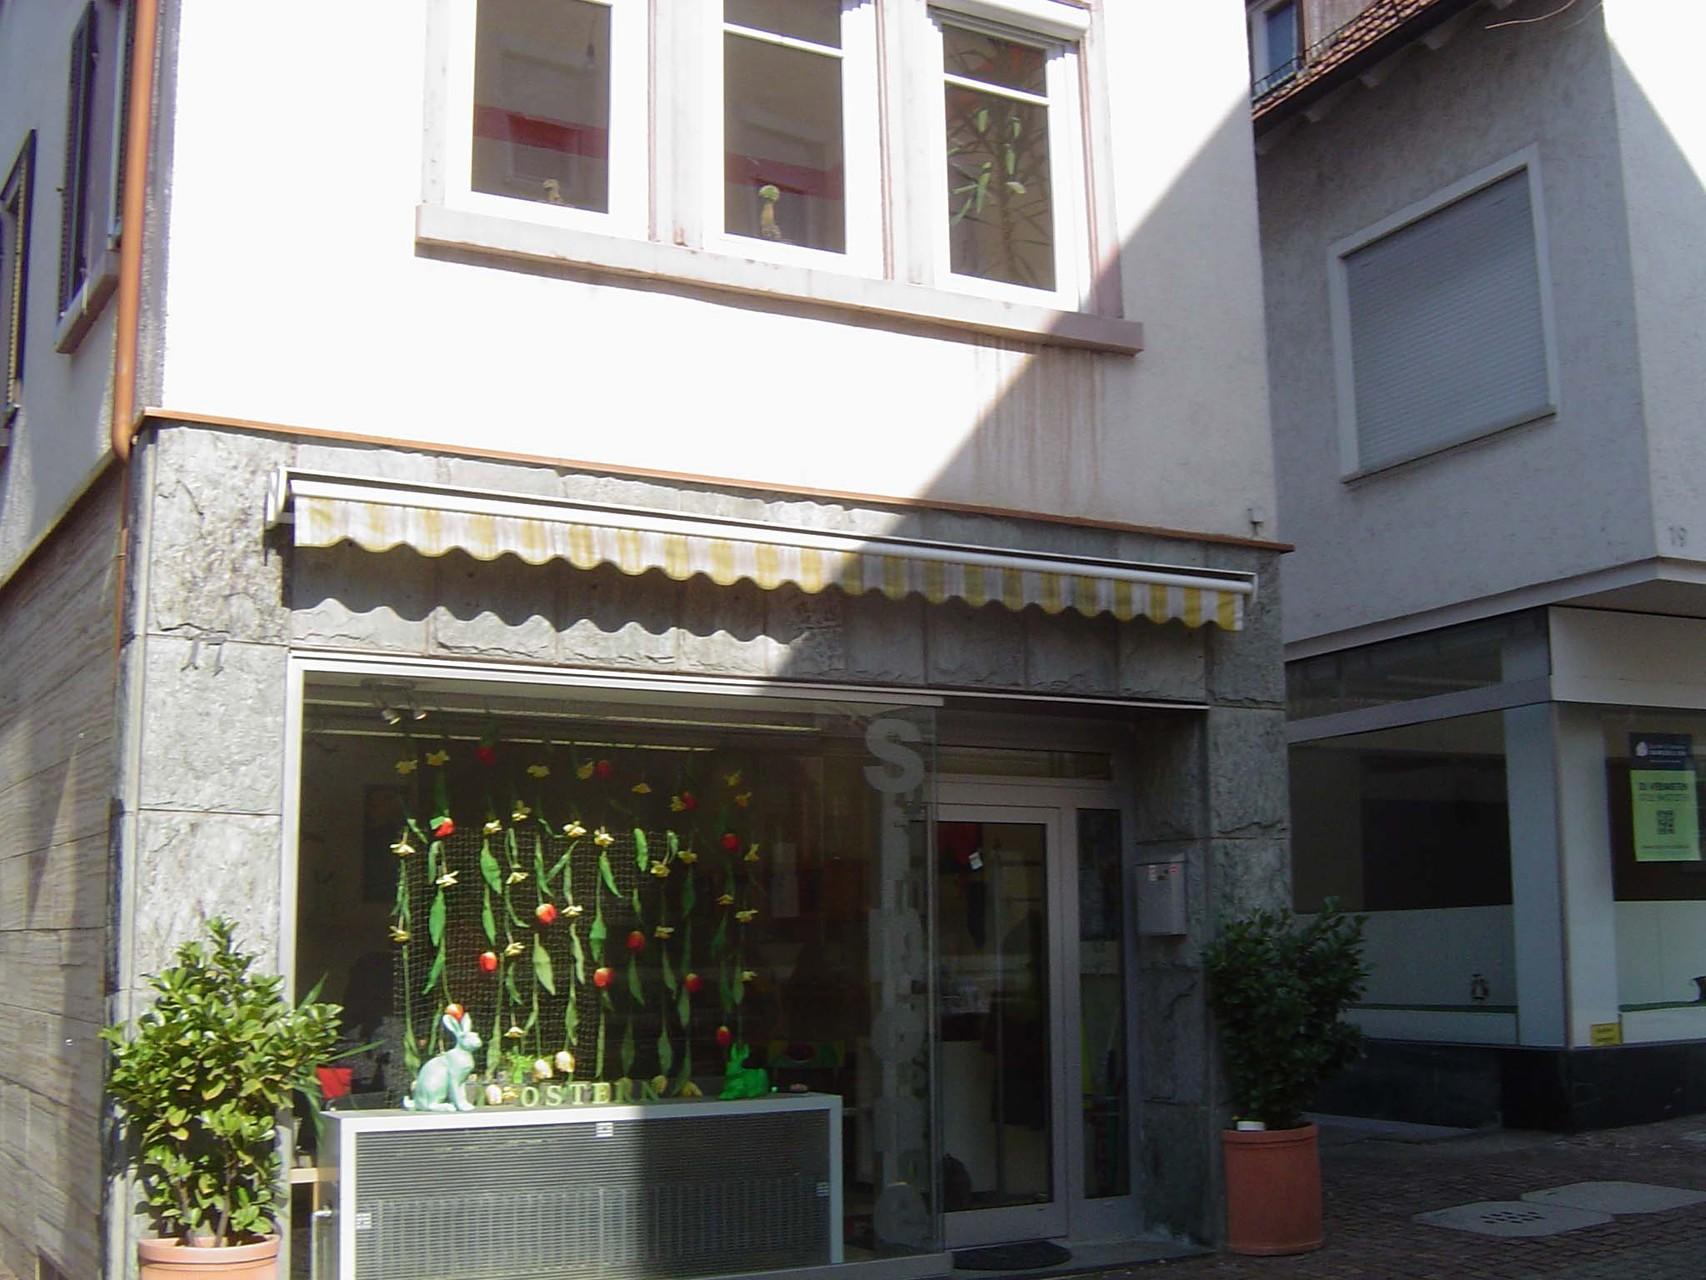 Straßenseite mit Ladenfenster und -tür der ehemaligen Bäckerei/Tchibo-Filale im Erdgeschoss, darüber mein damaliges Zimmer (Foto: Ertl)